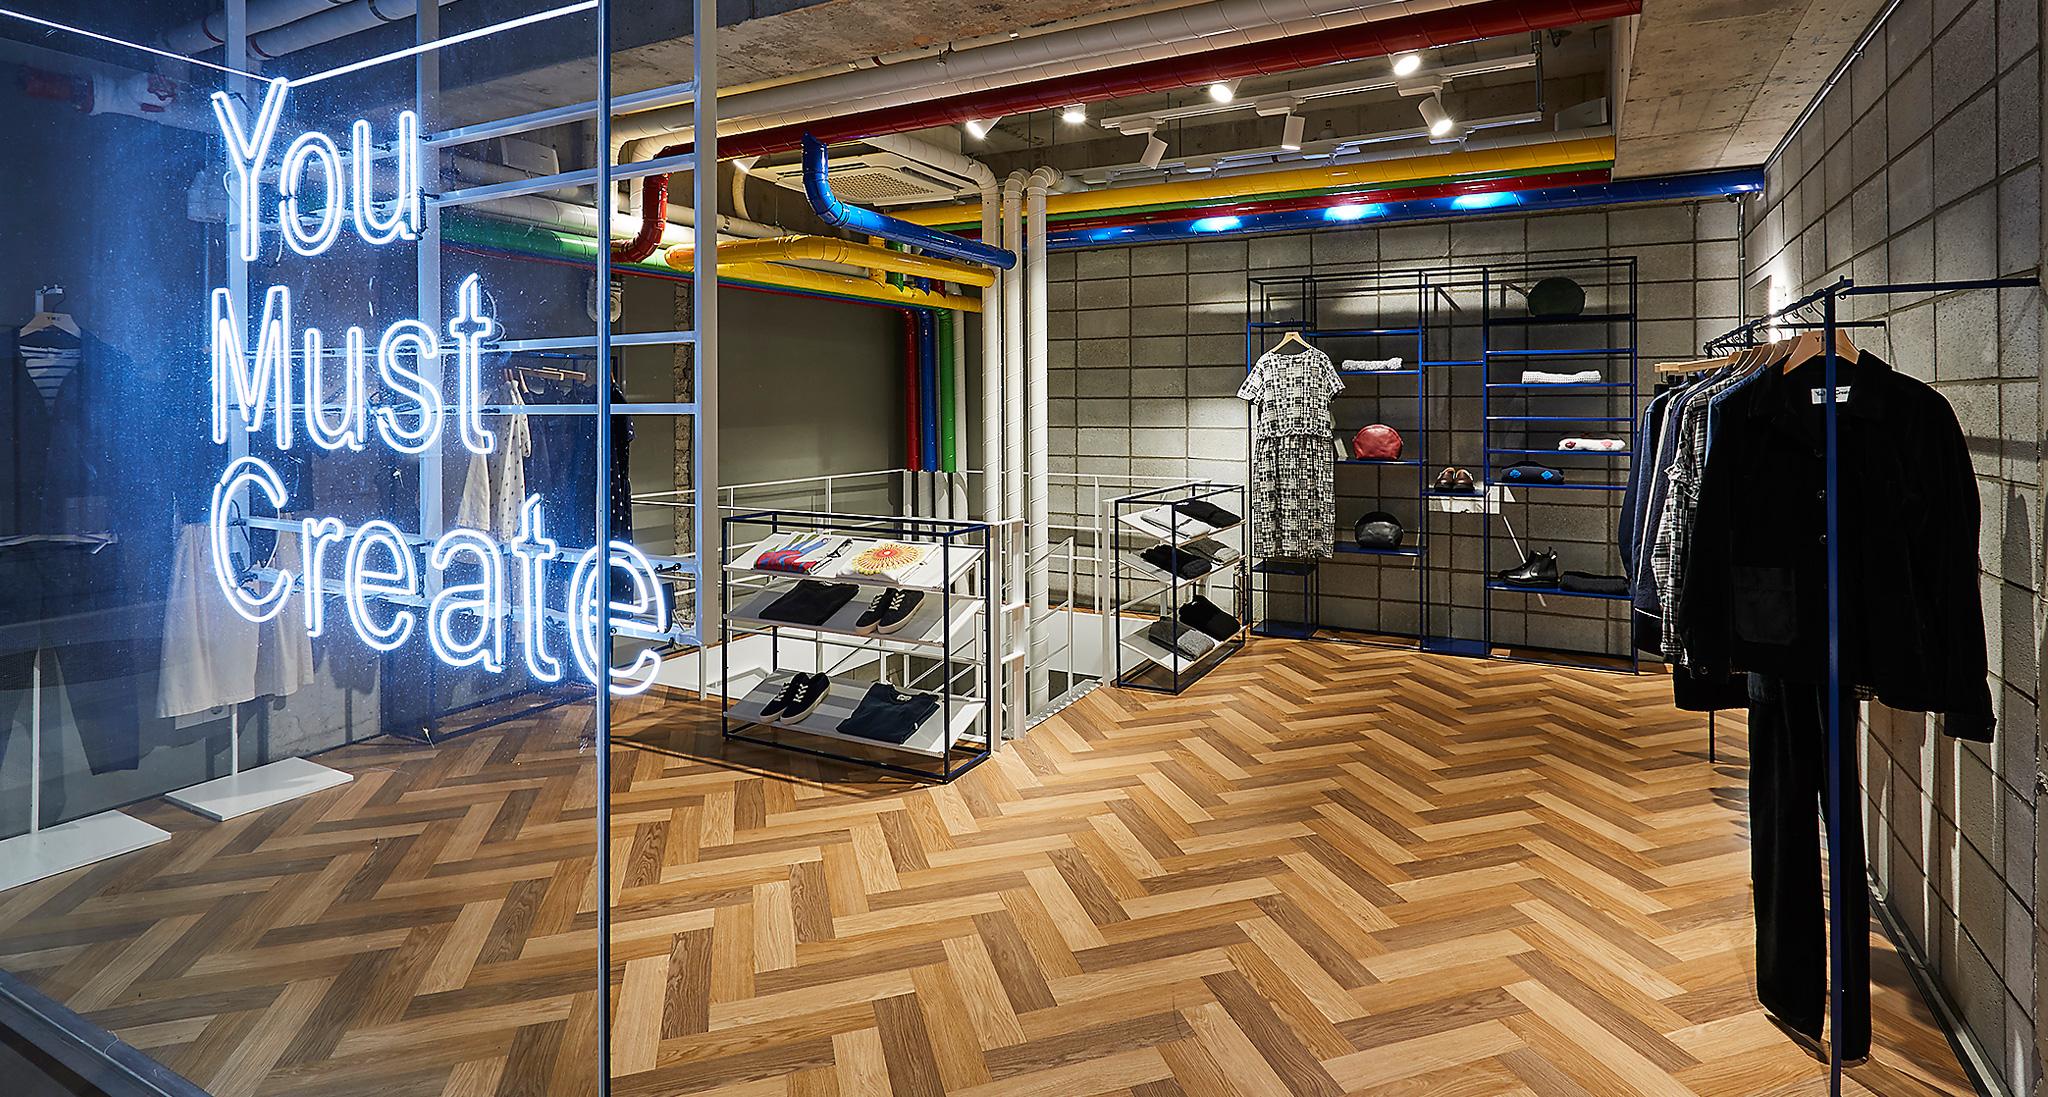 Take a look inside YMC's Seoul Store